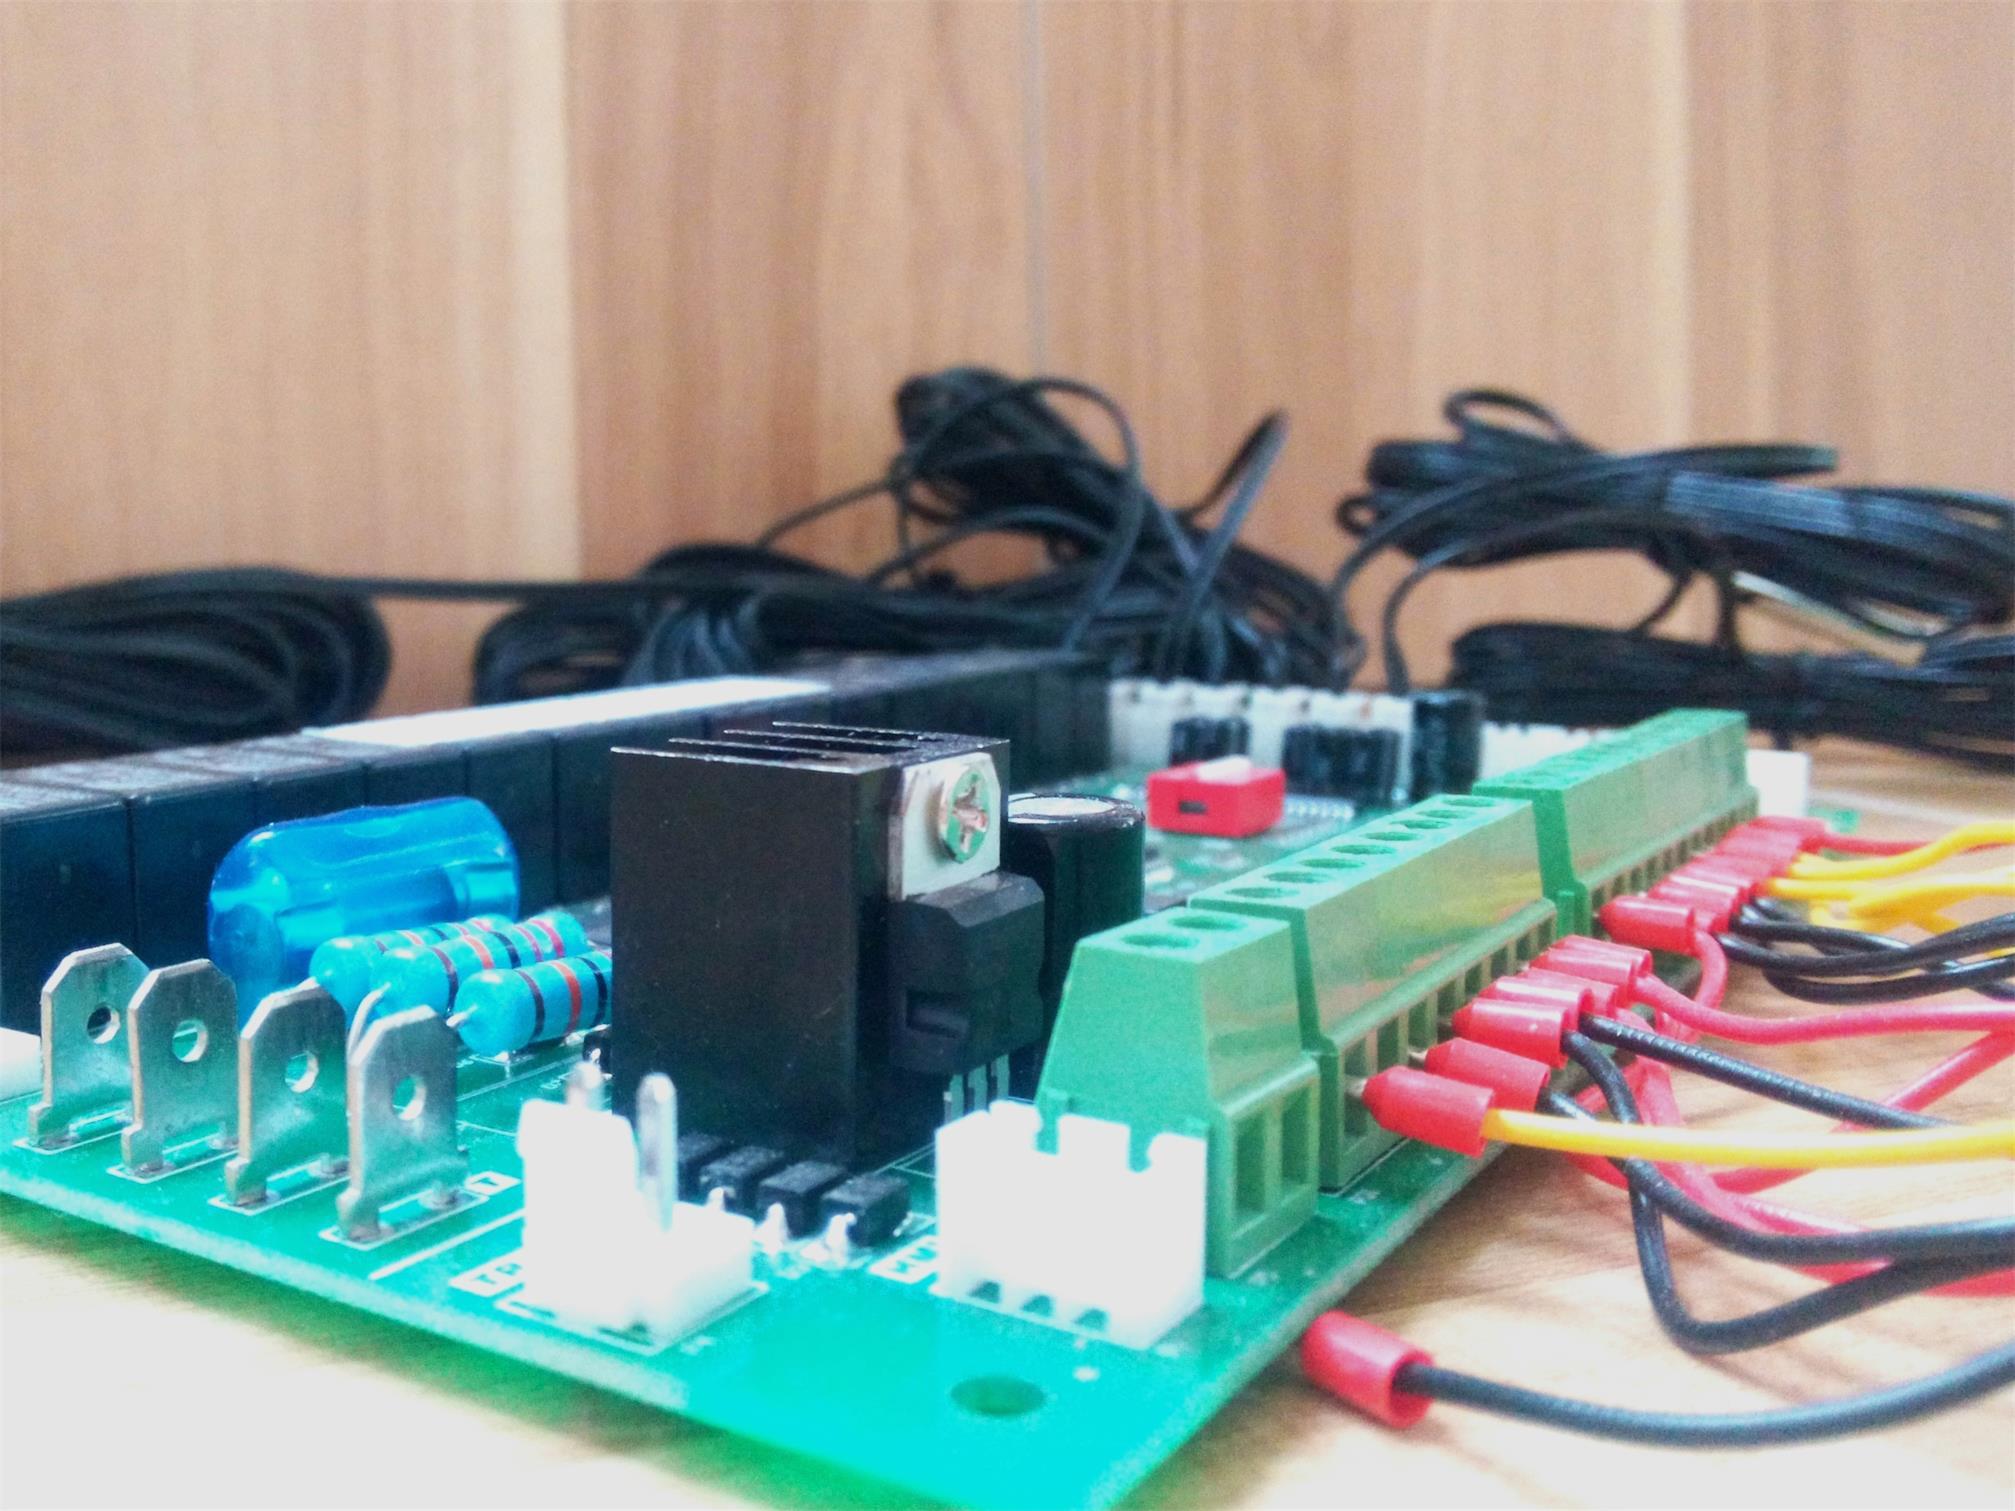 通用电子膨胀阀型四压机风冷模块机组 主要功能  采用高性能ARM处理器,控制器在各种复杂的工控环境中都能稳定工作  温度显示分辨率0.1,控制精度0.1  线控器采用文本显示屏,使操作更加方便直观  每块主板可以控制4个压缩机,多8块模块进行组网运行  带电子膨胀阀接口,使空调更加高效  可以查询当前故障和历史故障,记录故障发生时间,方便厂家分析机组  一周7天独立定时功能  机组试用功能(催款功能)  线控器集成标准MODBUS接口,方便用户进行集总联网控制(选配功能) 技术规格